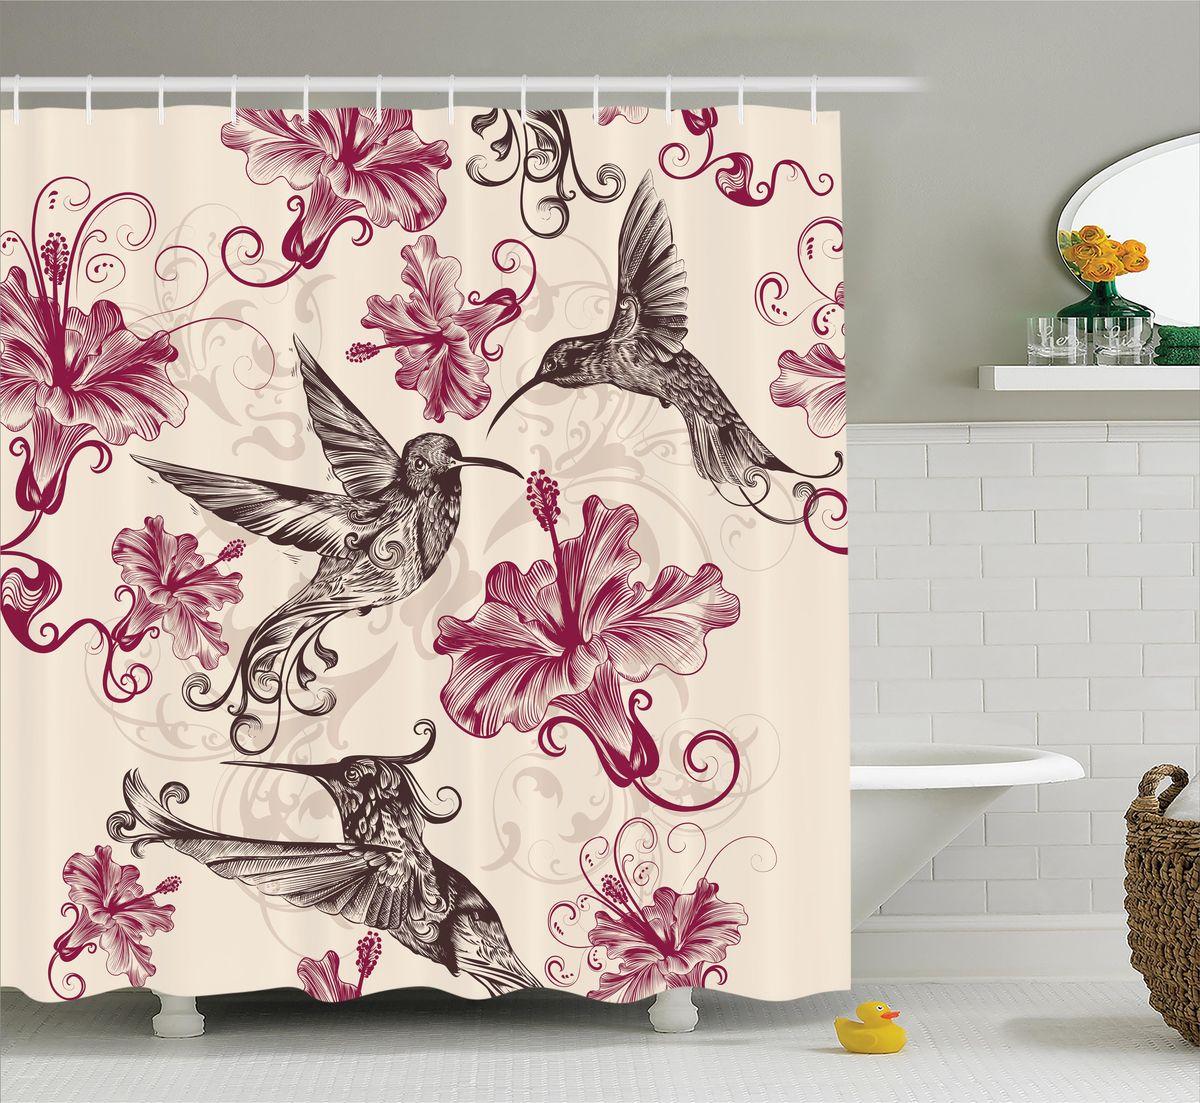 Штора для ванной комнаты Magic Lady Колибри в цветах гибискуса, цвет: белый, сиреневый, 180 х 200 см цена